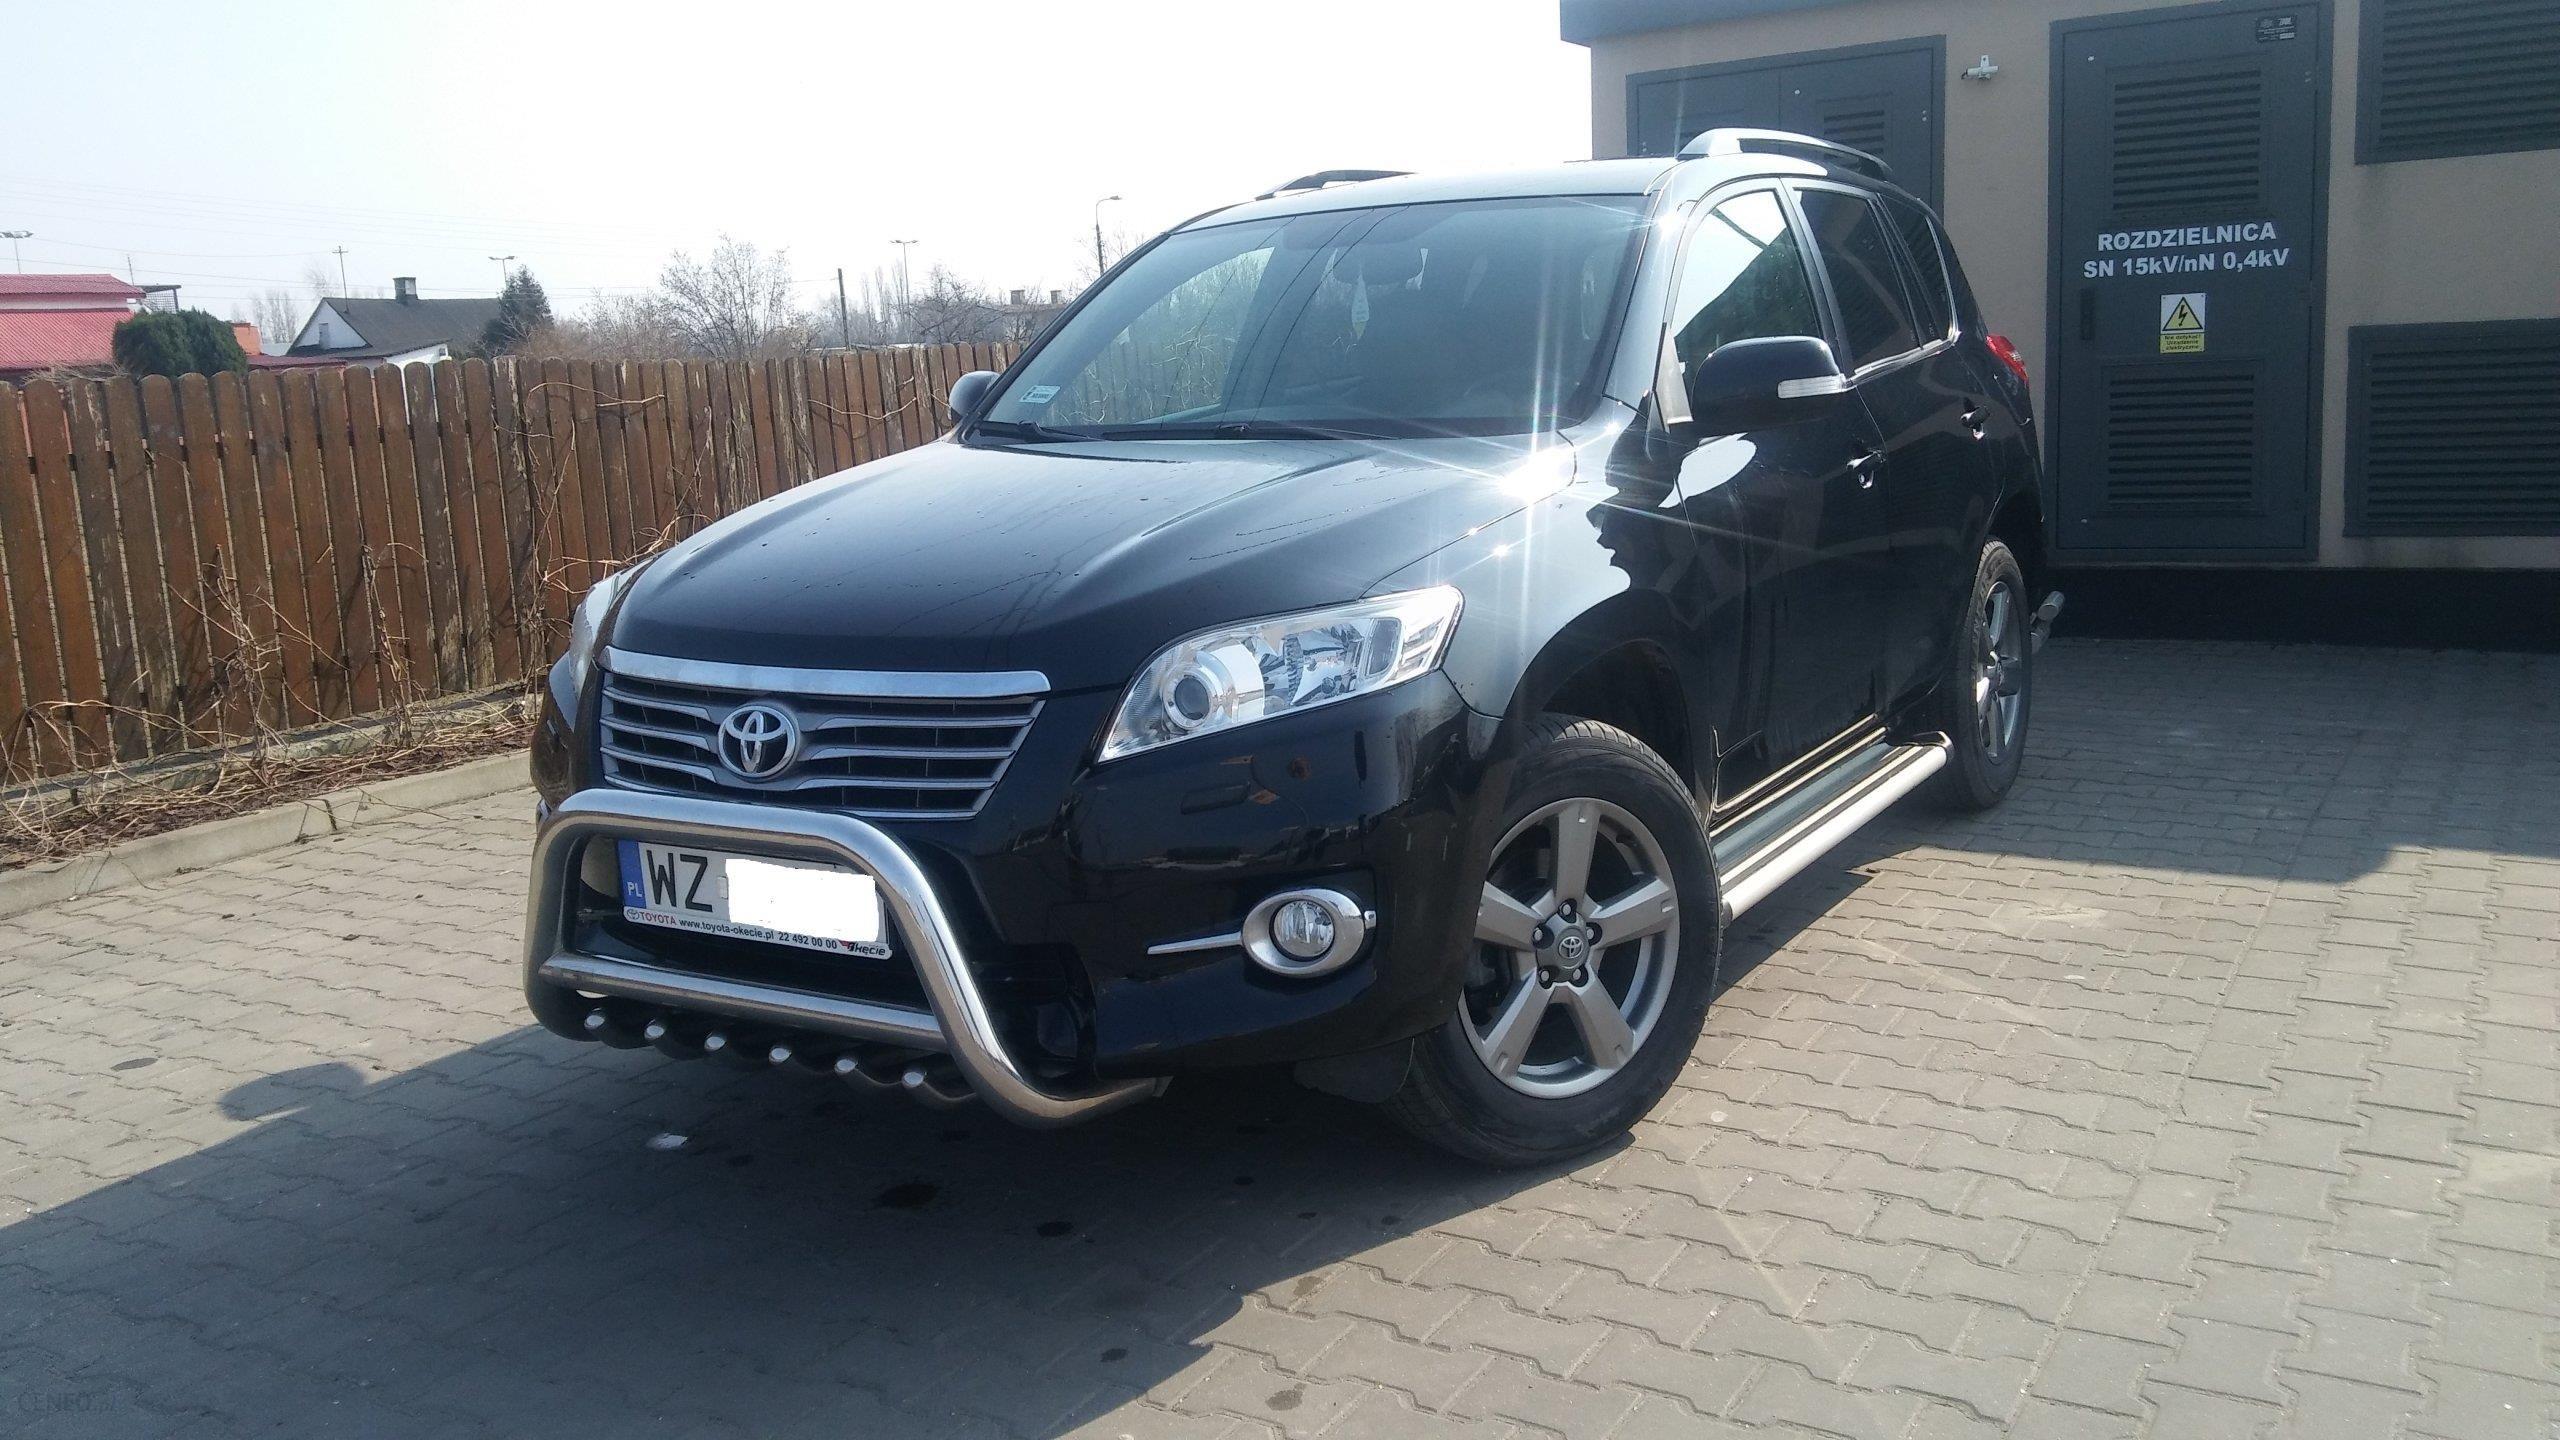 Toyota Rav4 Iii 2012 Benzyna 158km Suv Czarny Opinie I Ceny Na